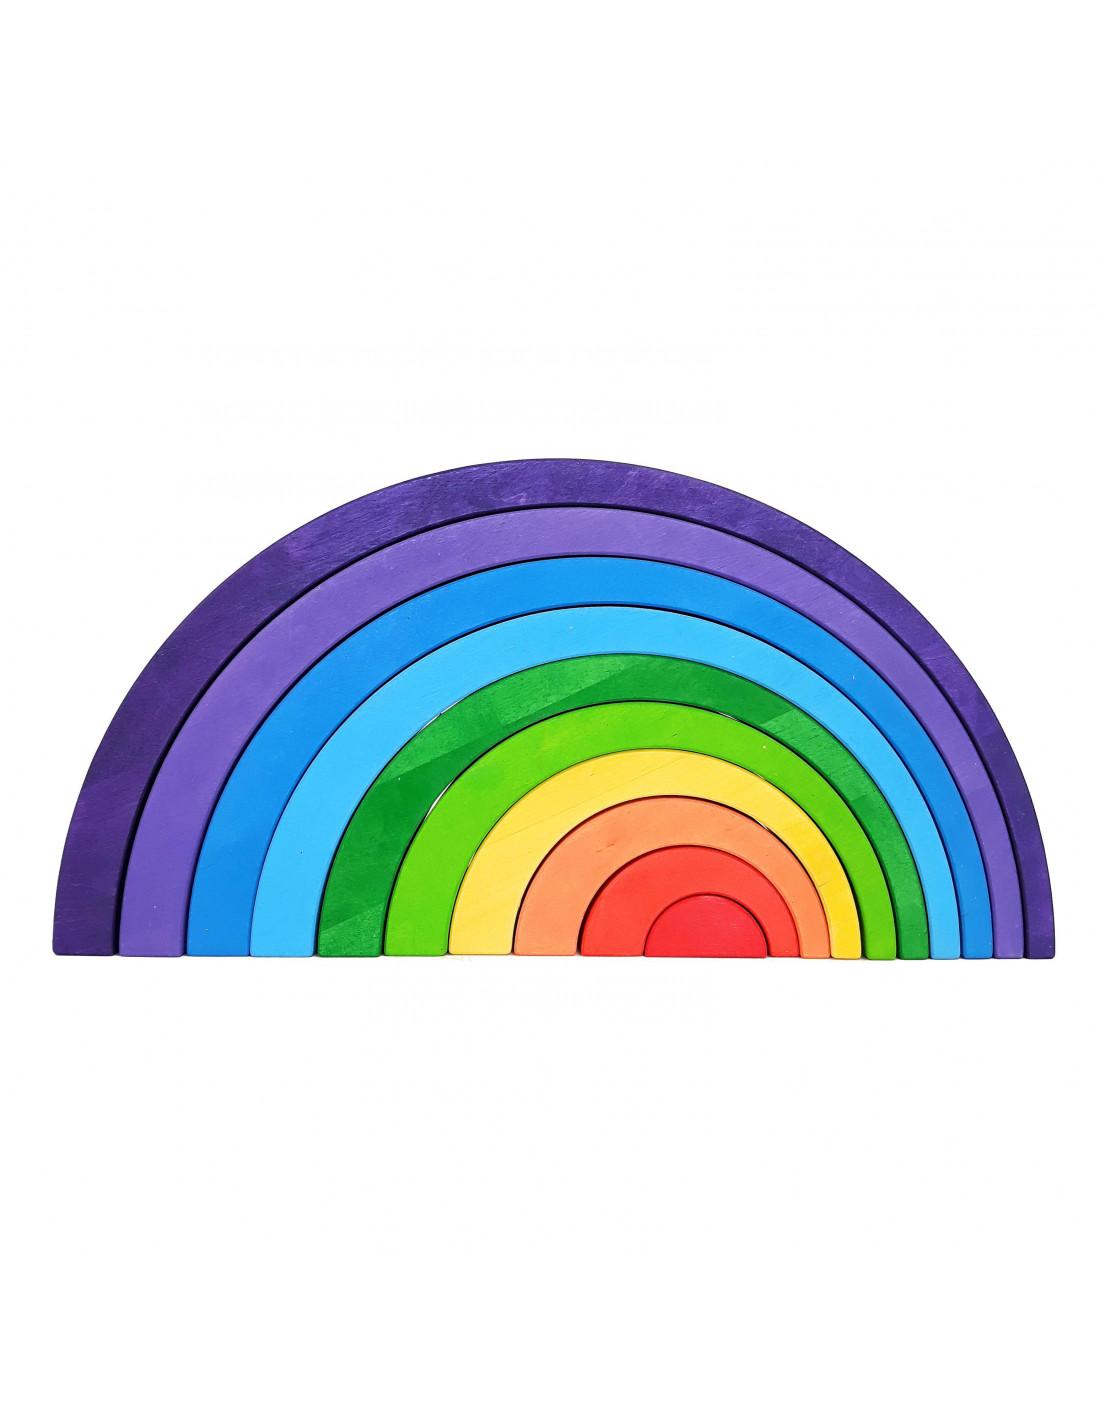 regenboog asymmetrisch - Leuke spelvormen met de houten regenboog van Bajo en Grimm's + WIN!